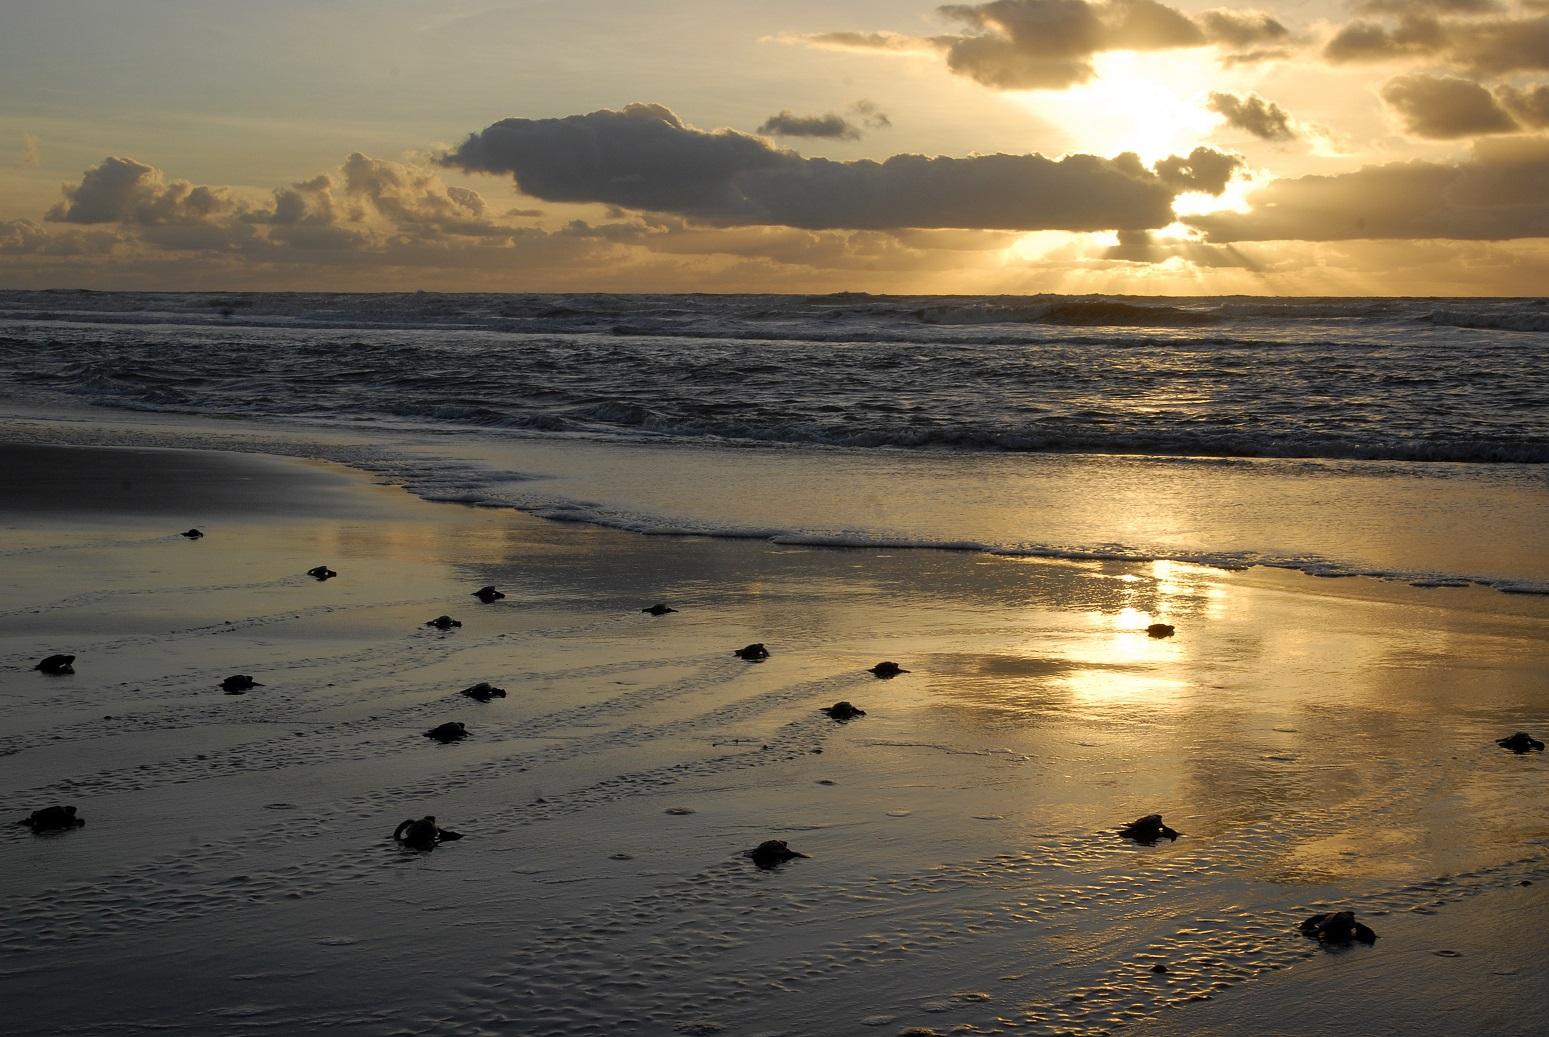 Graças ao Projeto Tamar, em 30 anos de existência, cerca de 37 milhões de tartaruguinhas conseguiram chegar ao mar. Foto Fundação Pró-Tamar